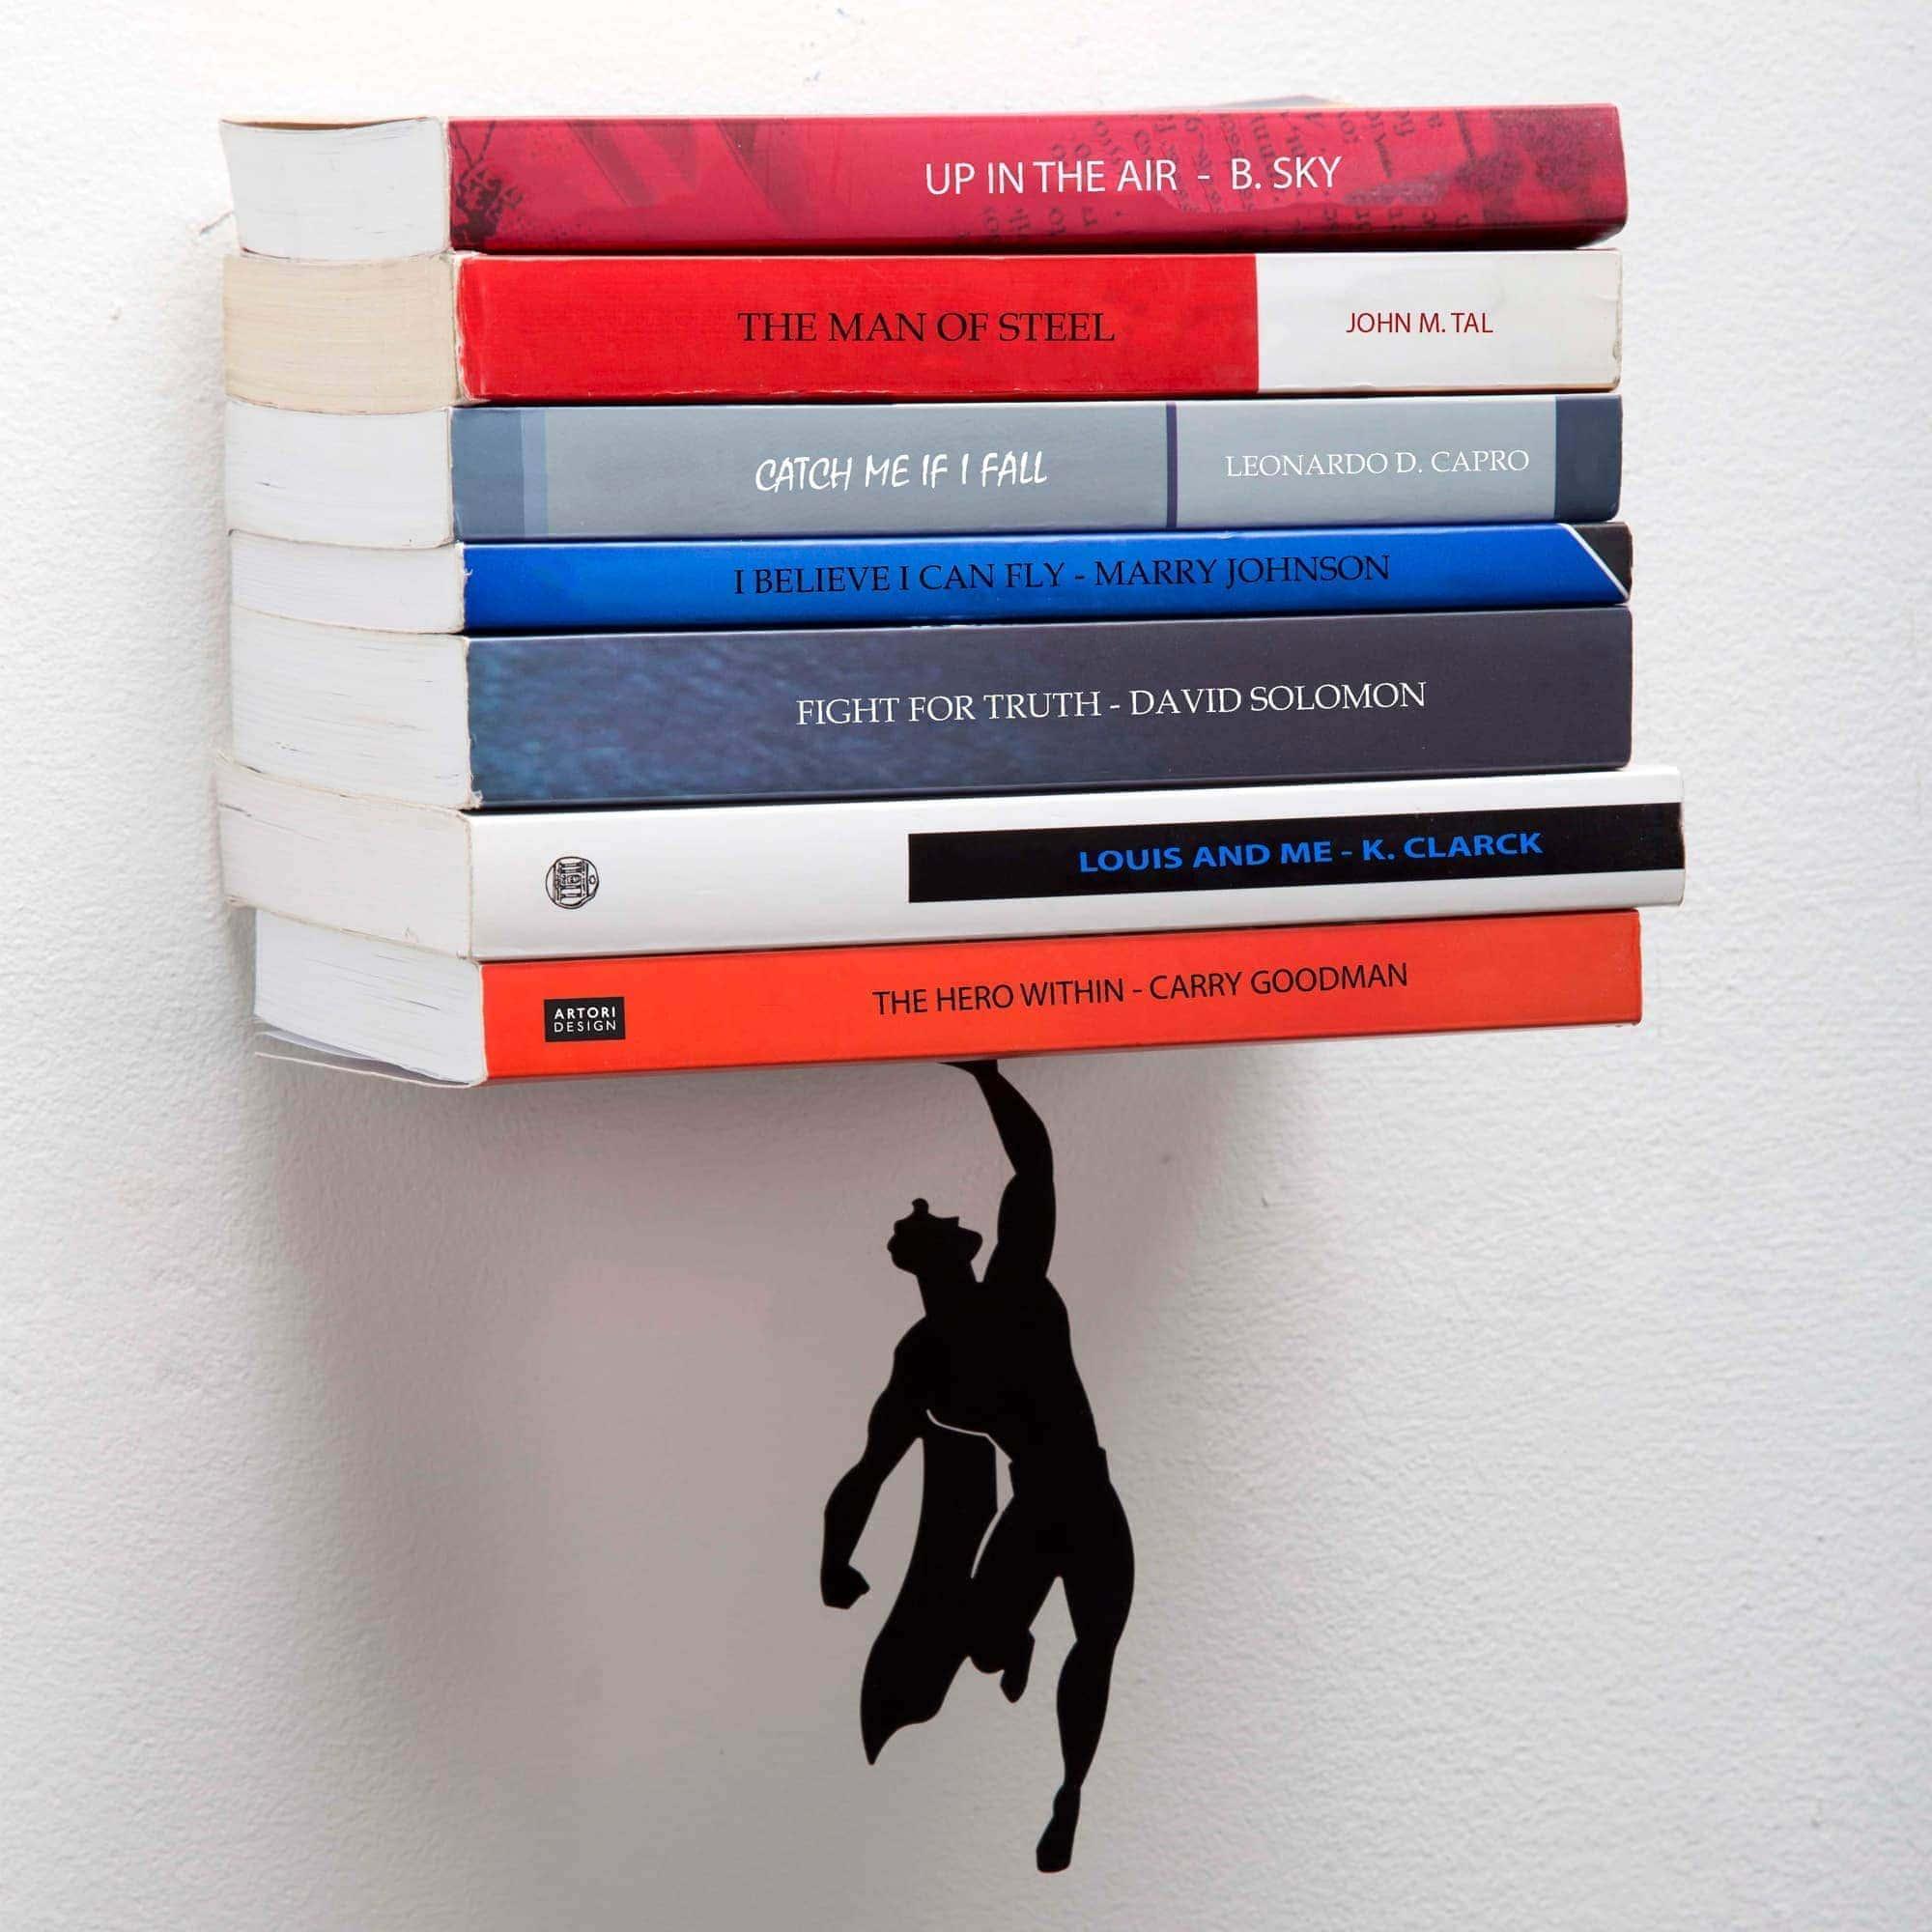 סופרשלף - מדף ספרים נסתר גיבור על